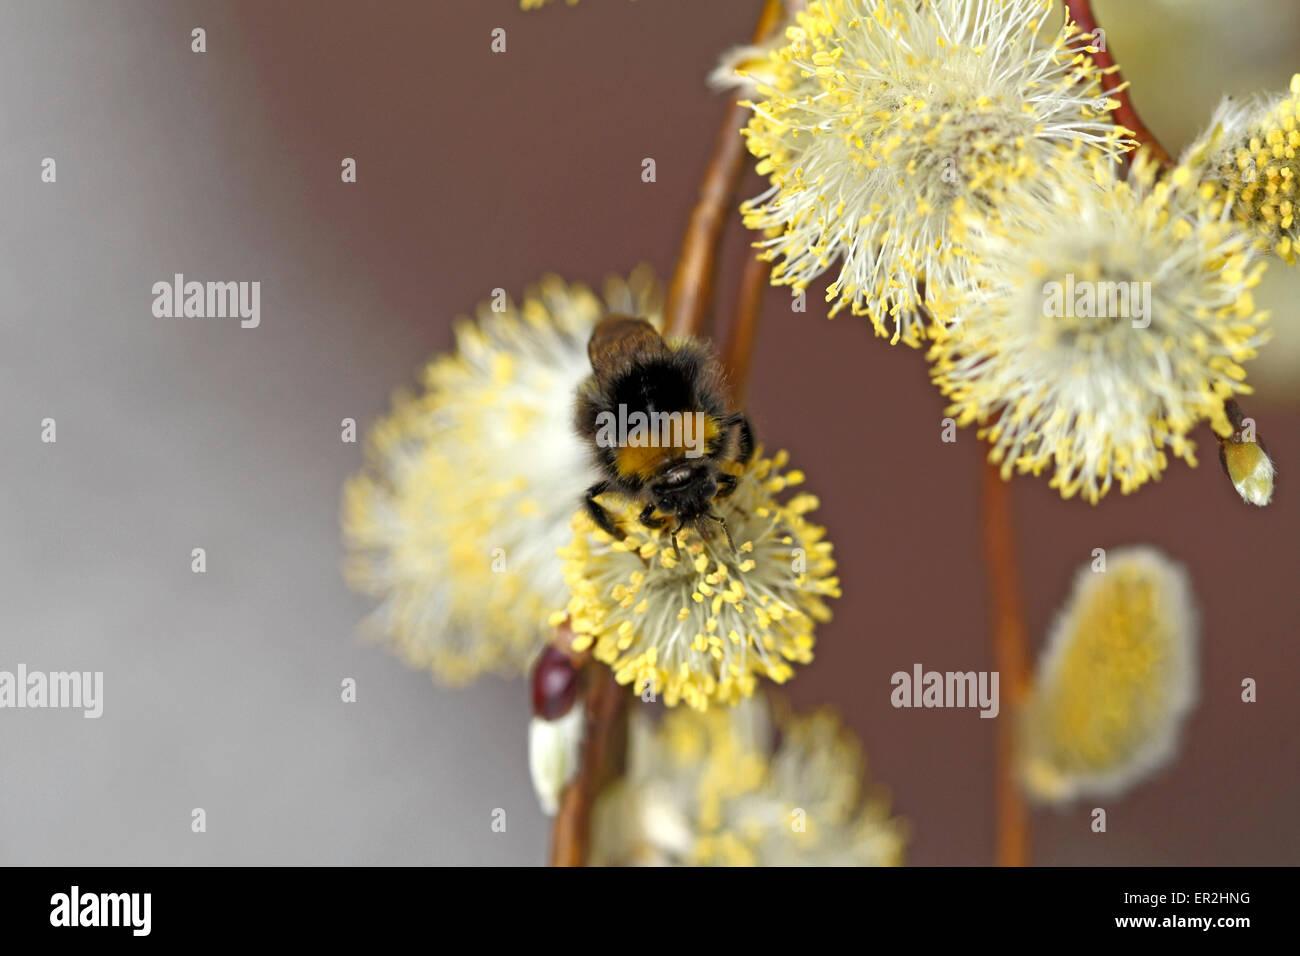 Nahaufnahme von bluehenden Weidenkaetzchen, Salweide, Salix caprea - Stock Image